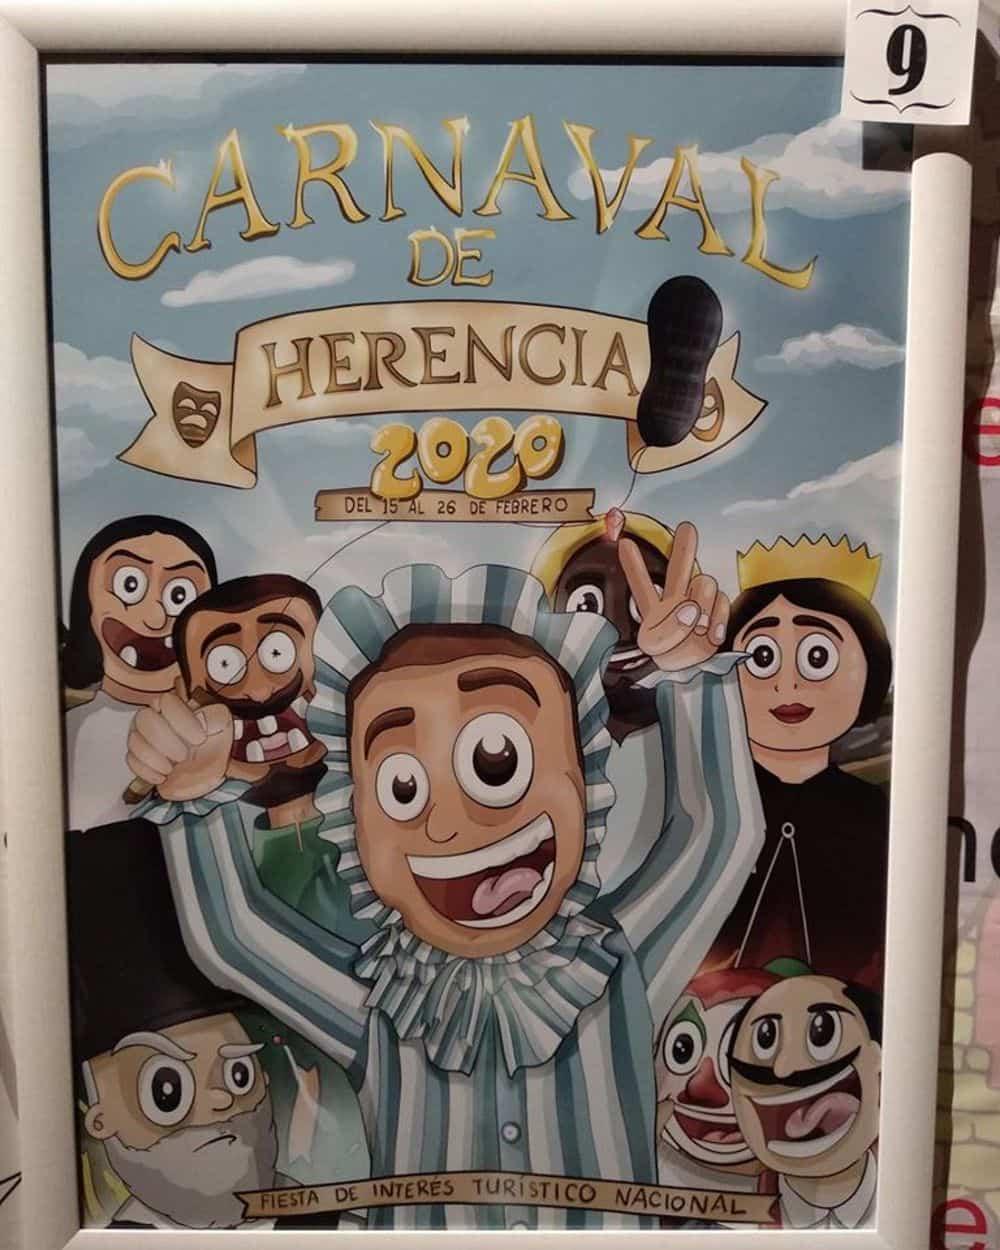 carteles carnaval 2020 herencia 1 - Conoce los carteles de Carnaval de Herencia 2020, ¿cuál te gusta más?